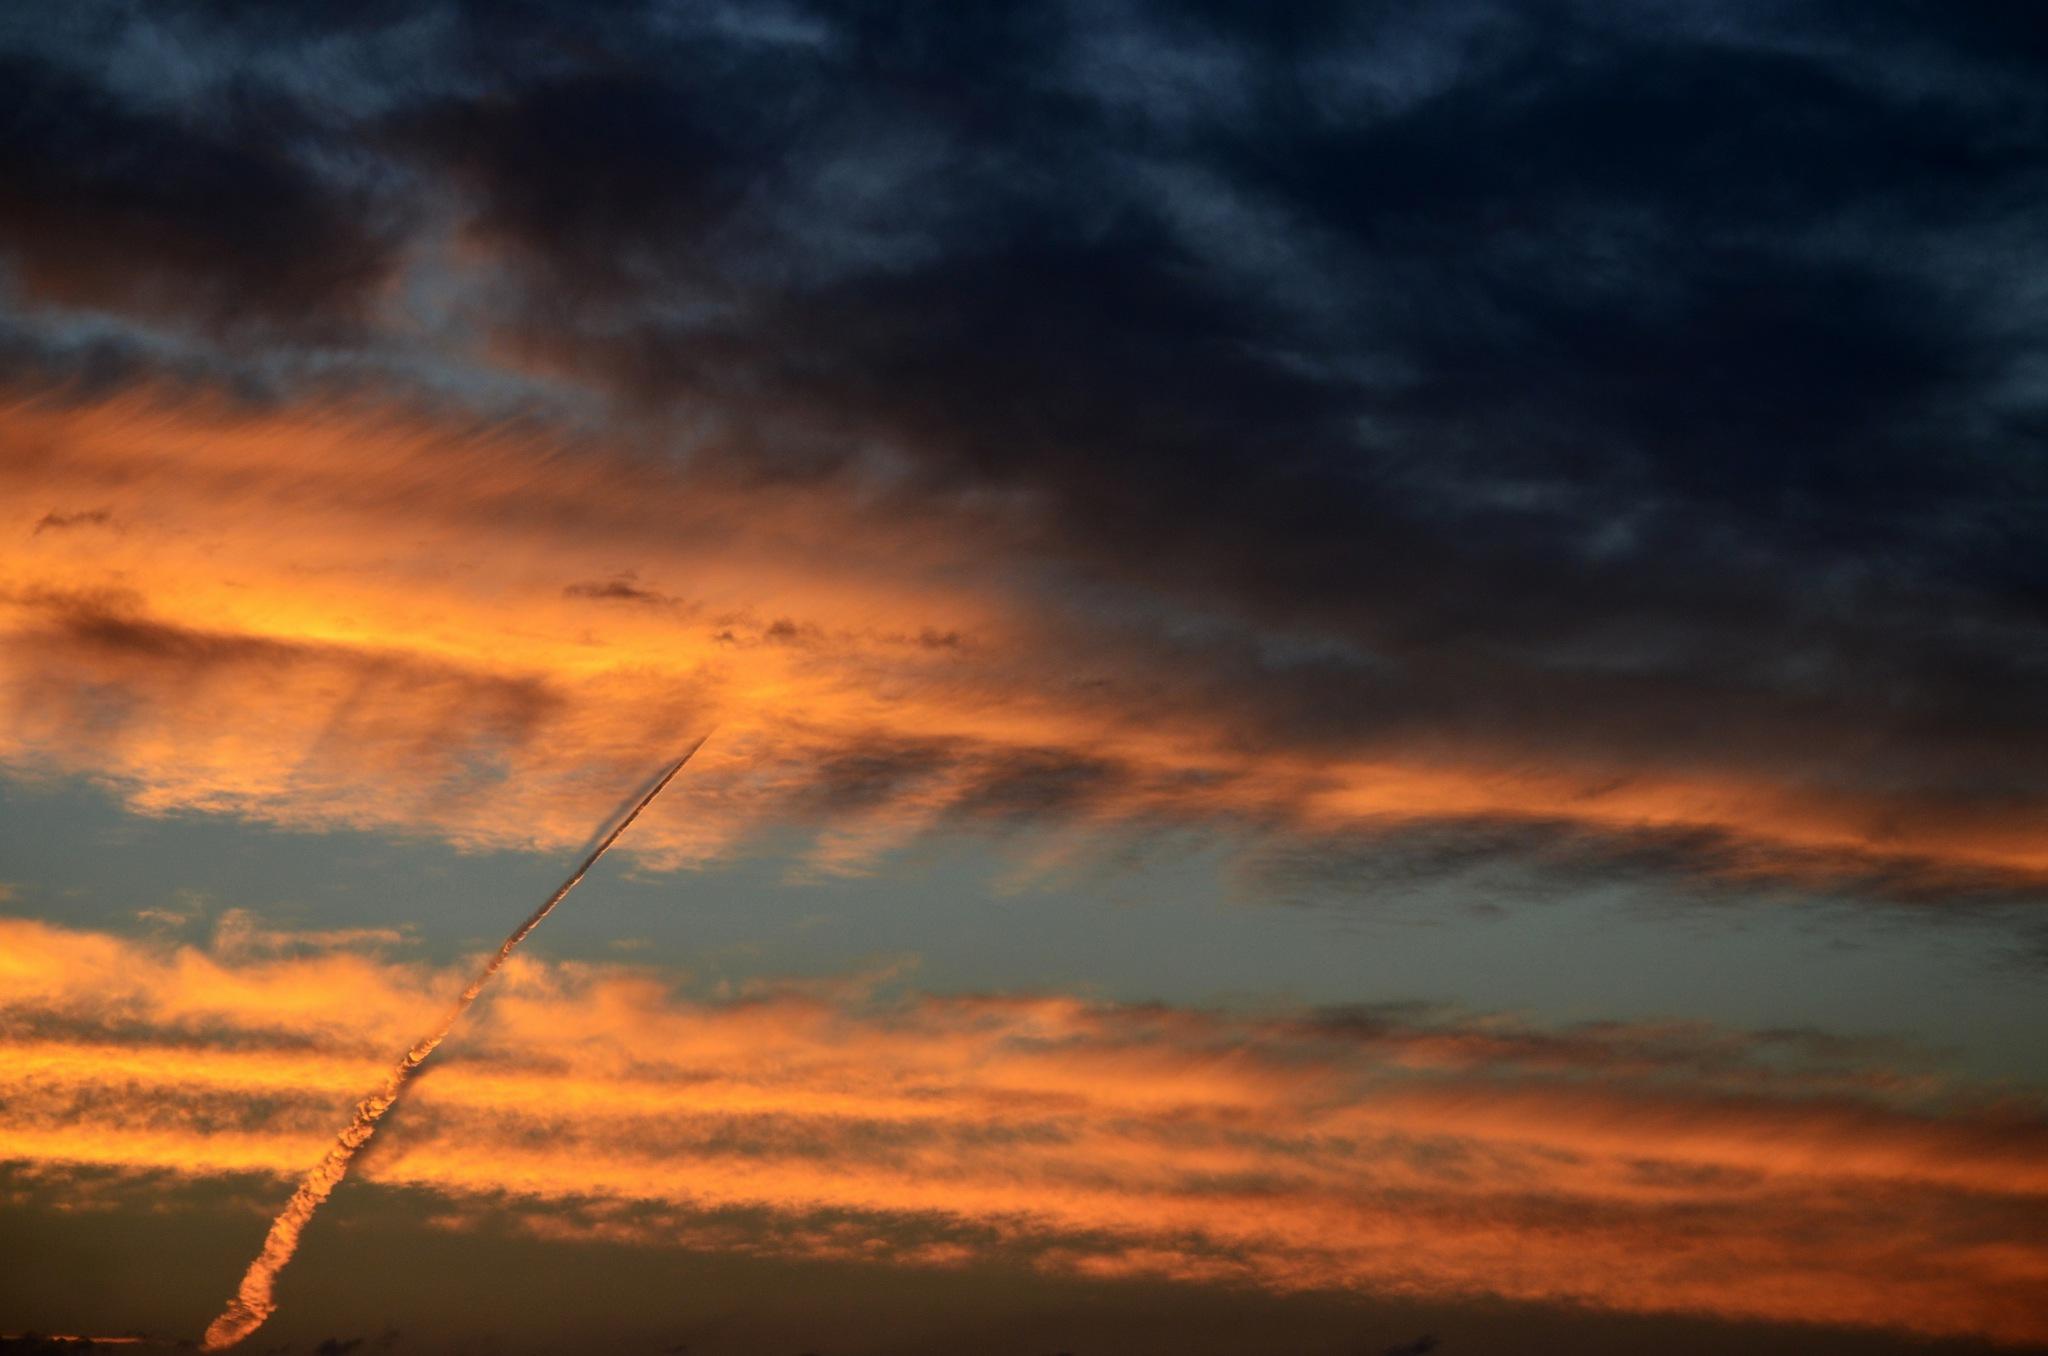 Sunset arrow by Sarah Fox